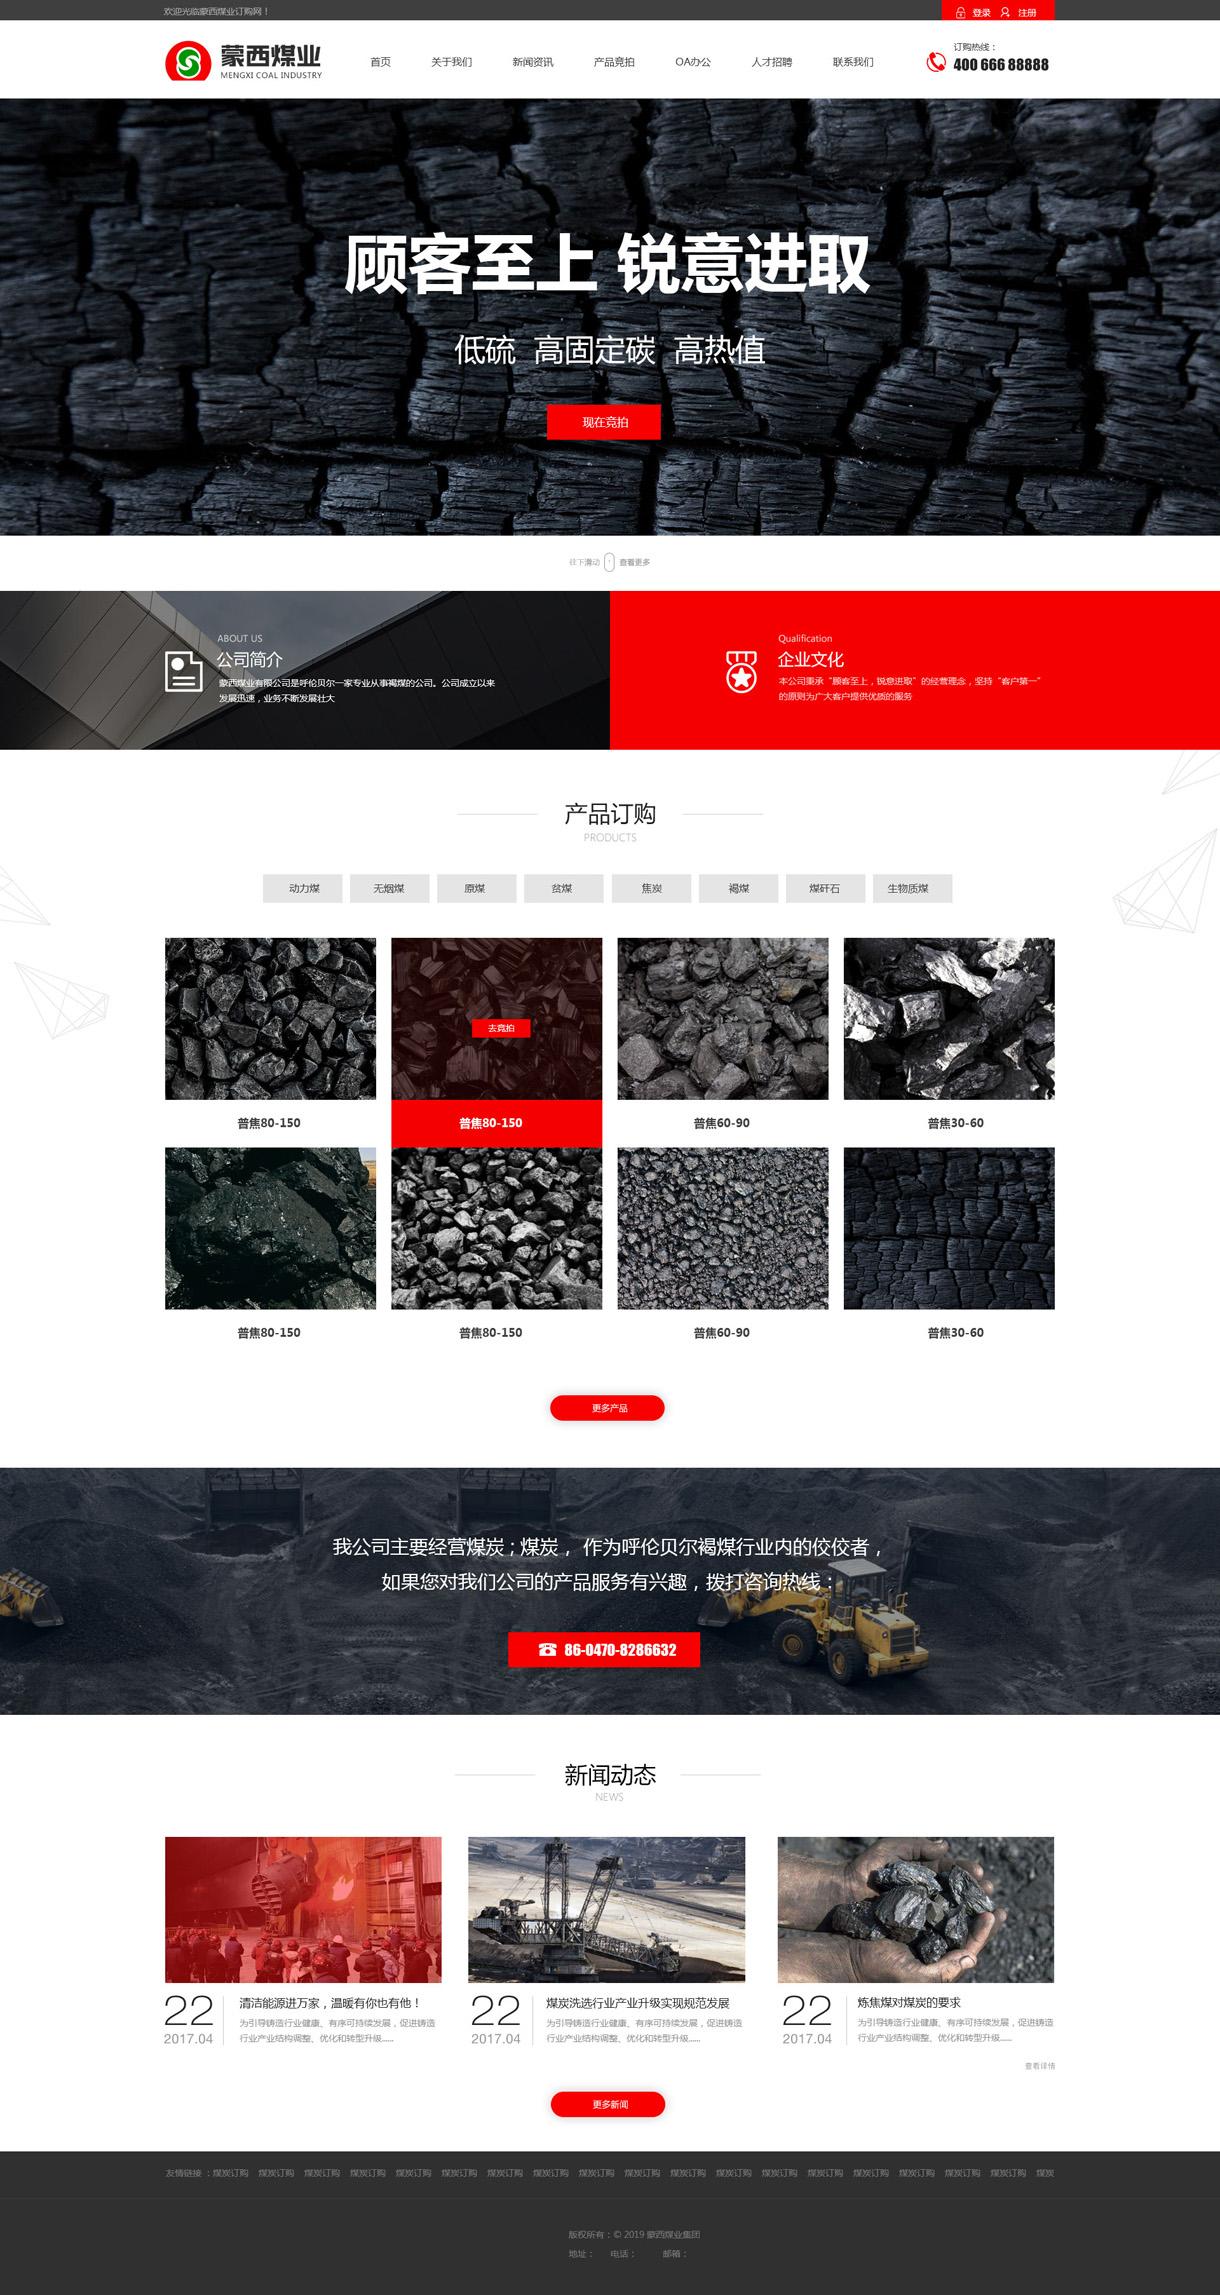 呼伦贝尔网站建设,呼伦贝尔网站优化